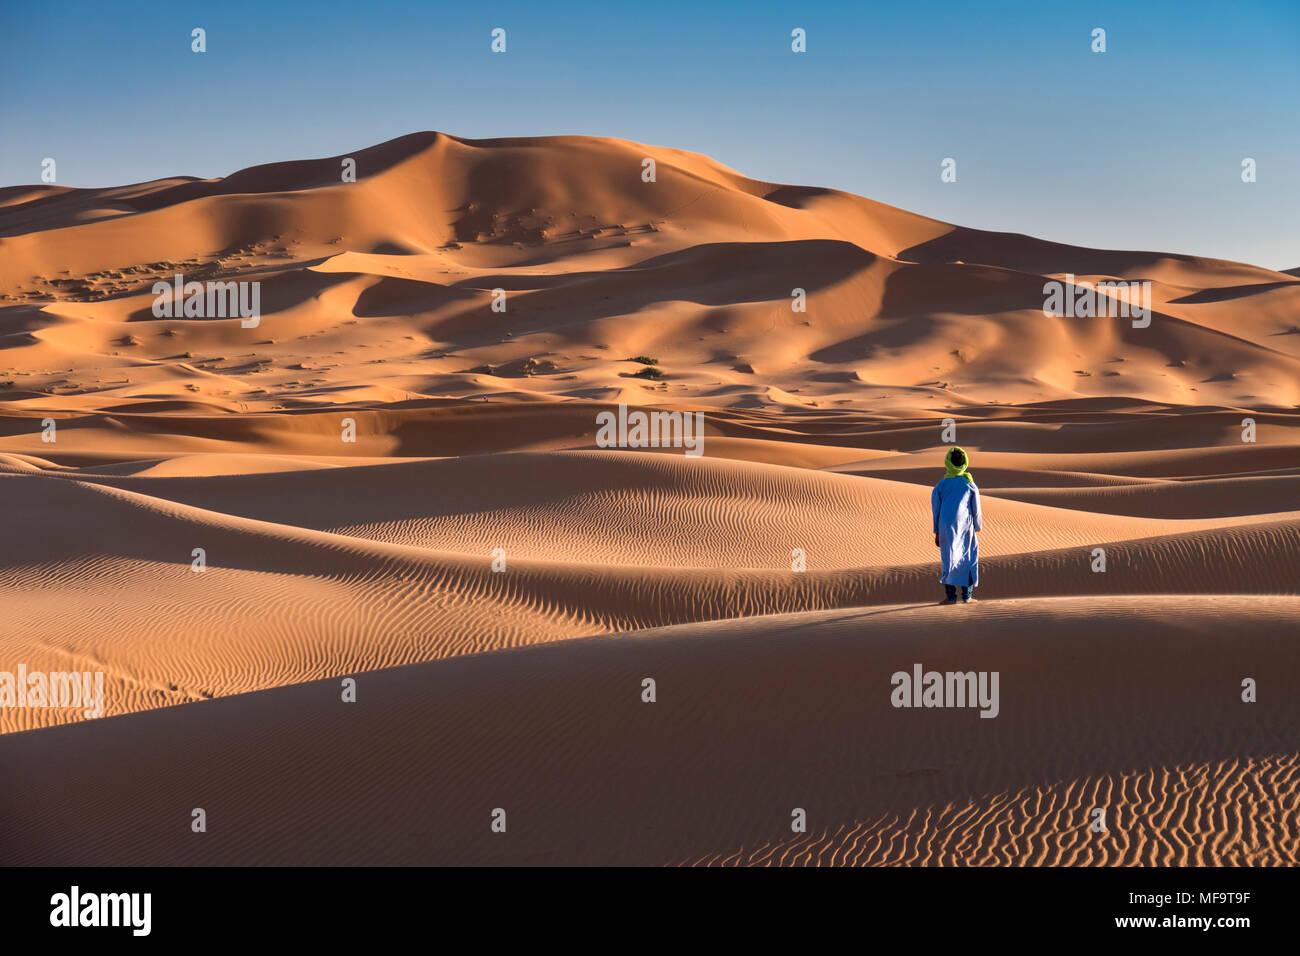 Un riff uomo sorge in corrispondenza del bordo del deserto del Sahara, Erg Chebbi, vicino a Merzouga, Marocco modello rilasciato Immagini Stock